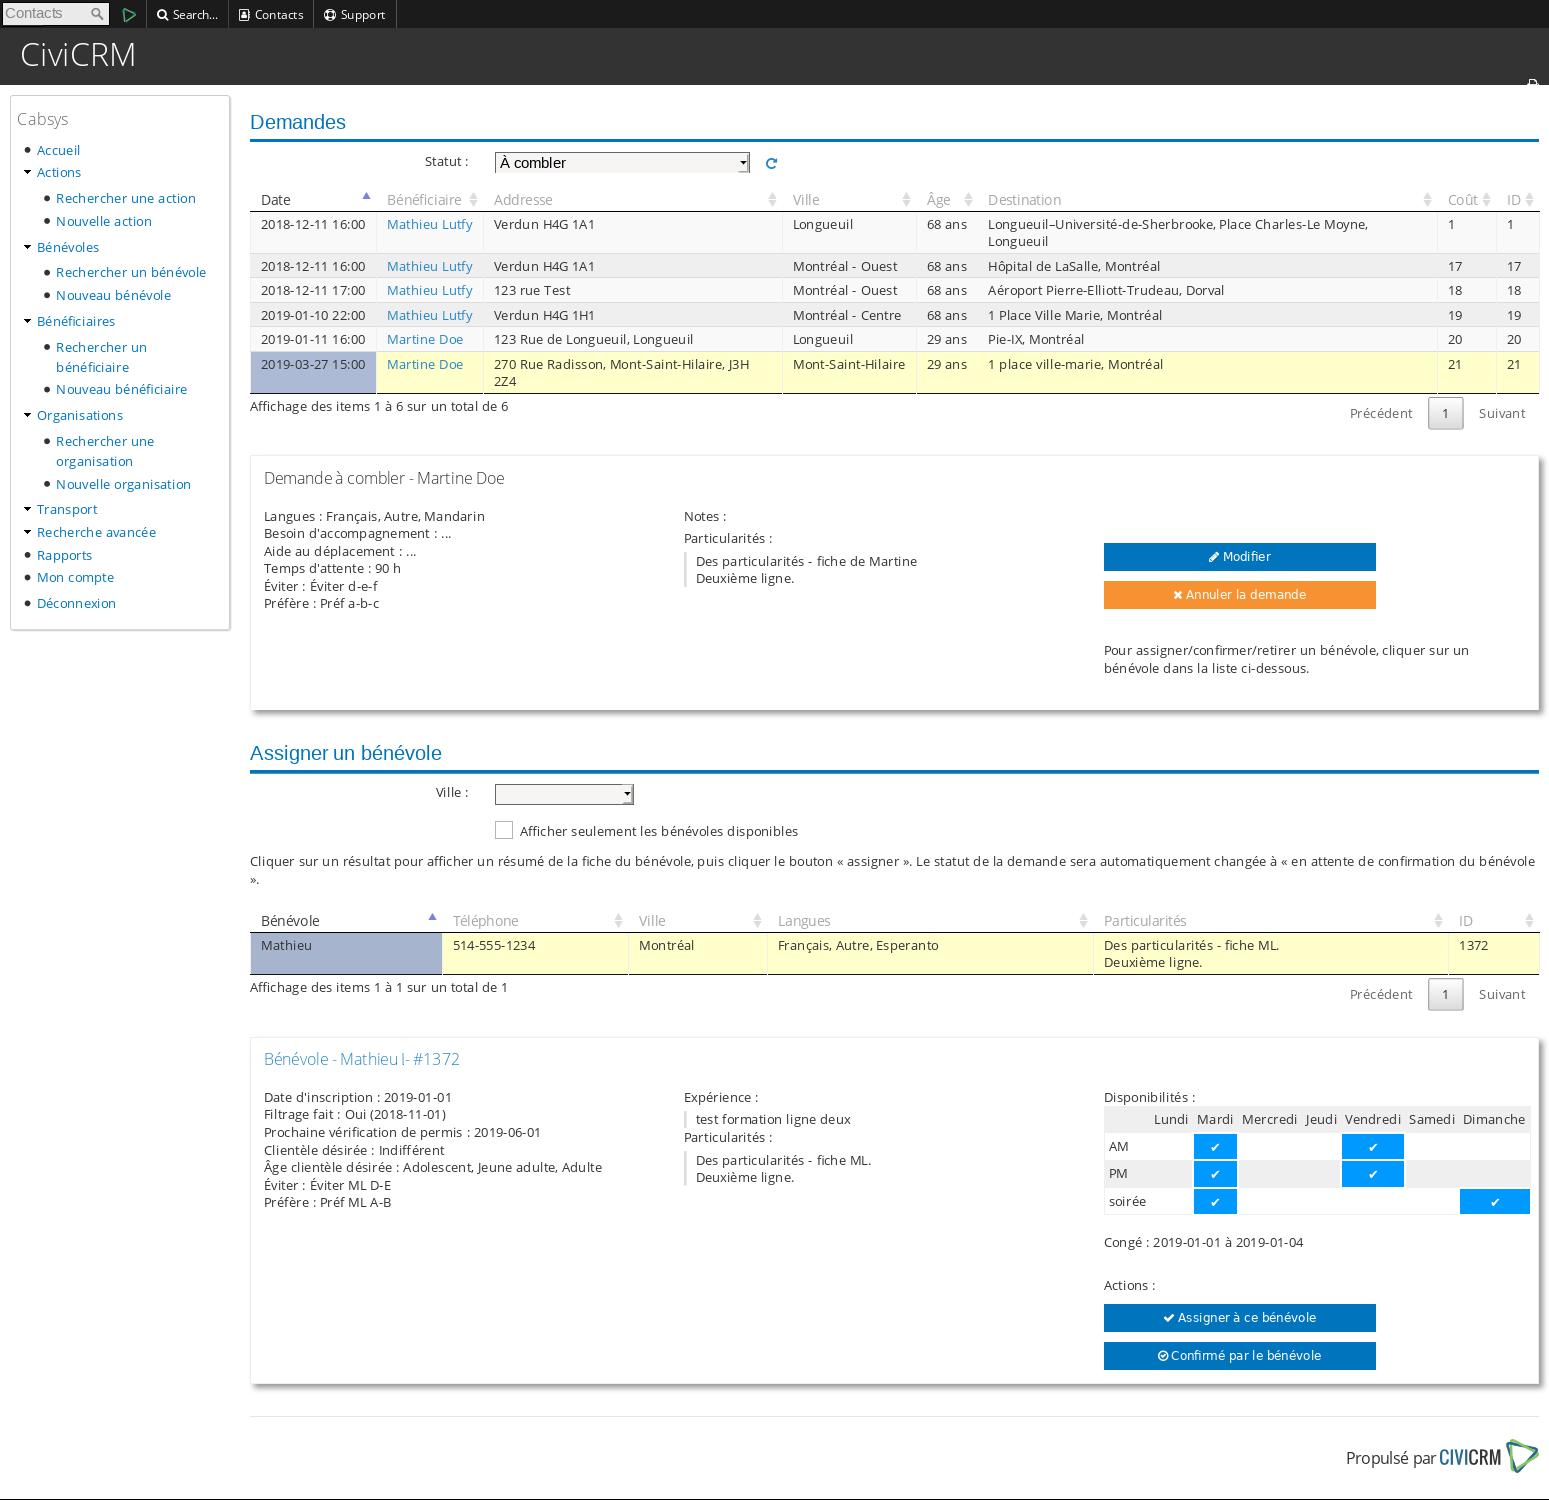 Saisie d'écran de l'écran de gestion des demandes